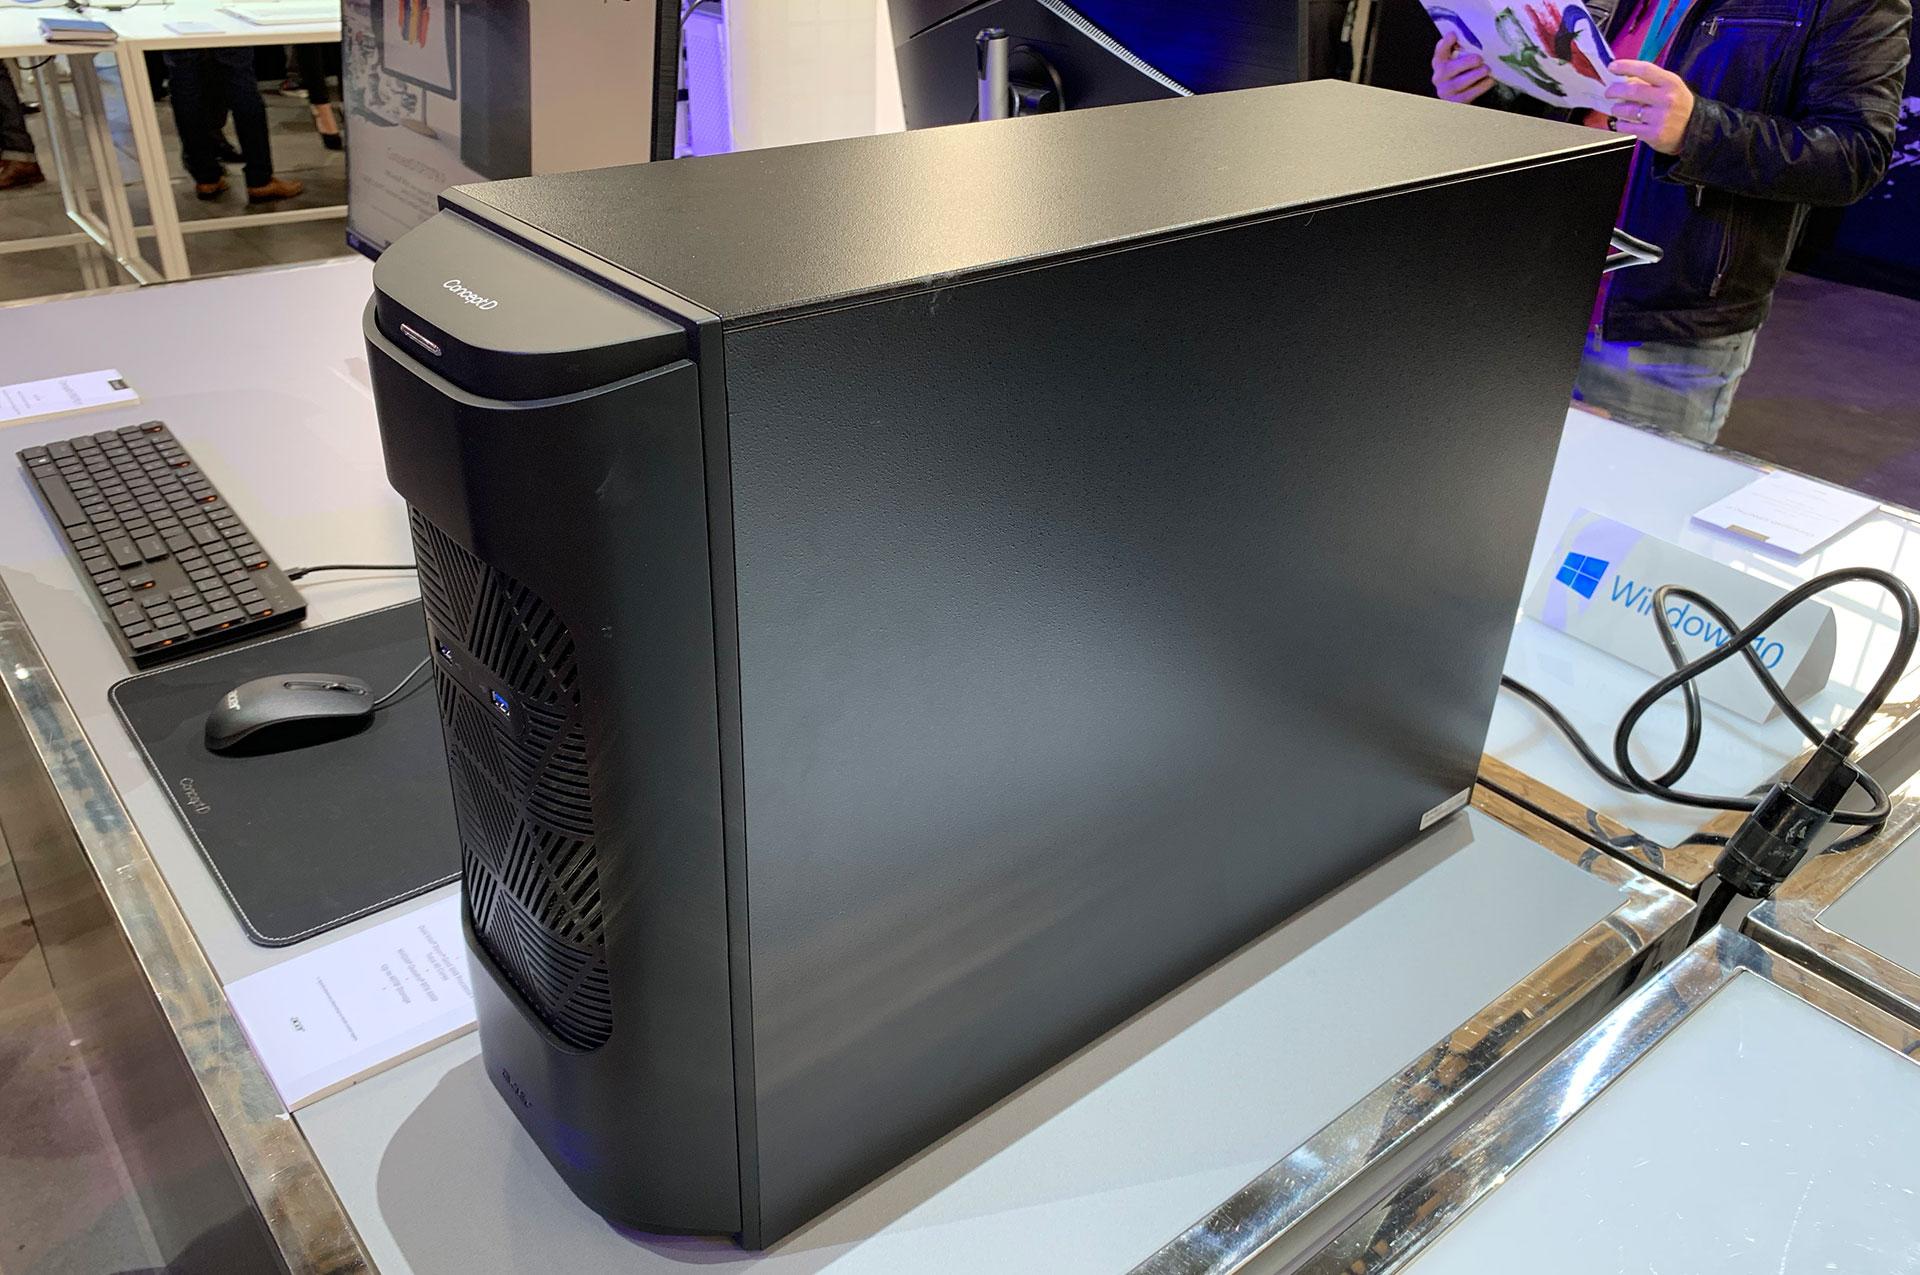 Acer в 2019: что если из игровых ноутов убрать все финтифлюшки - 12